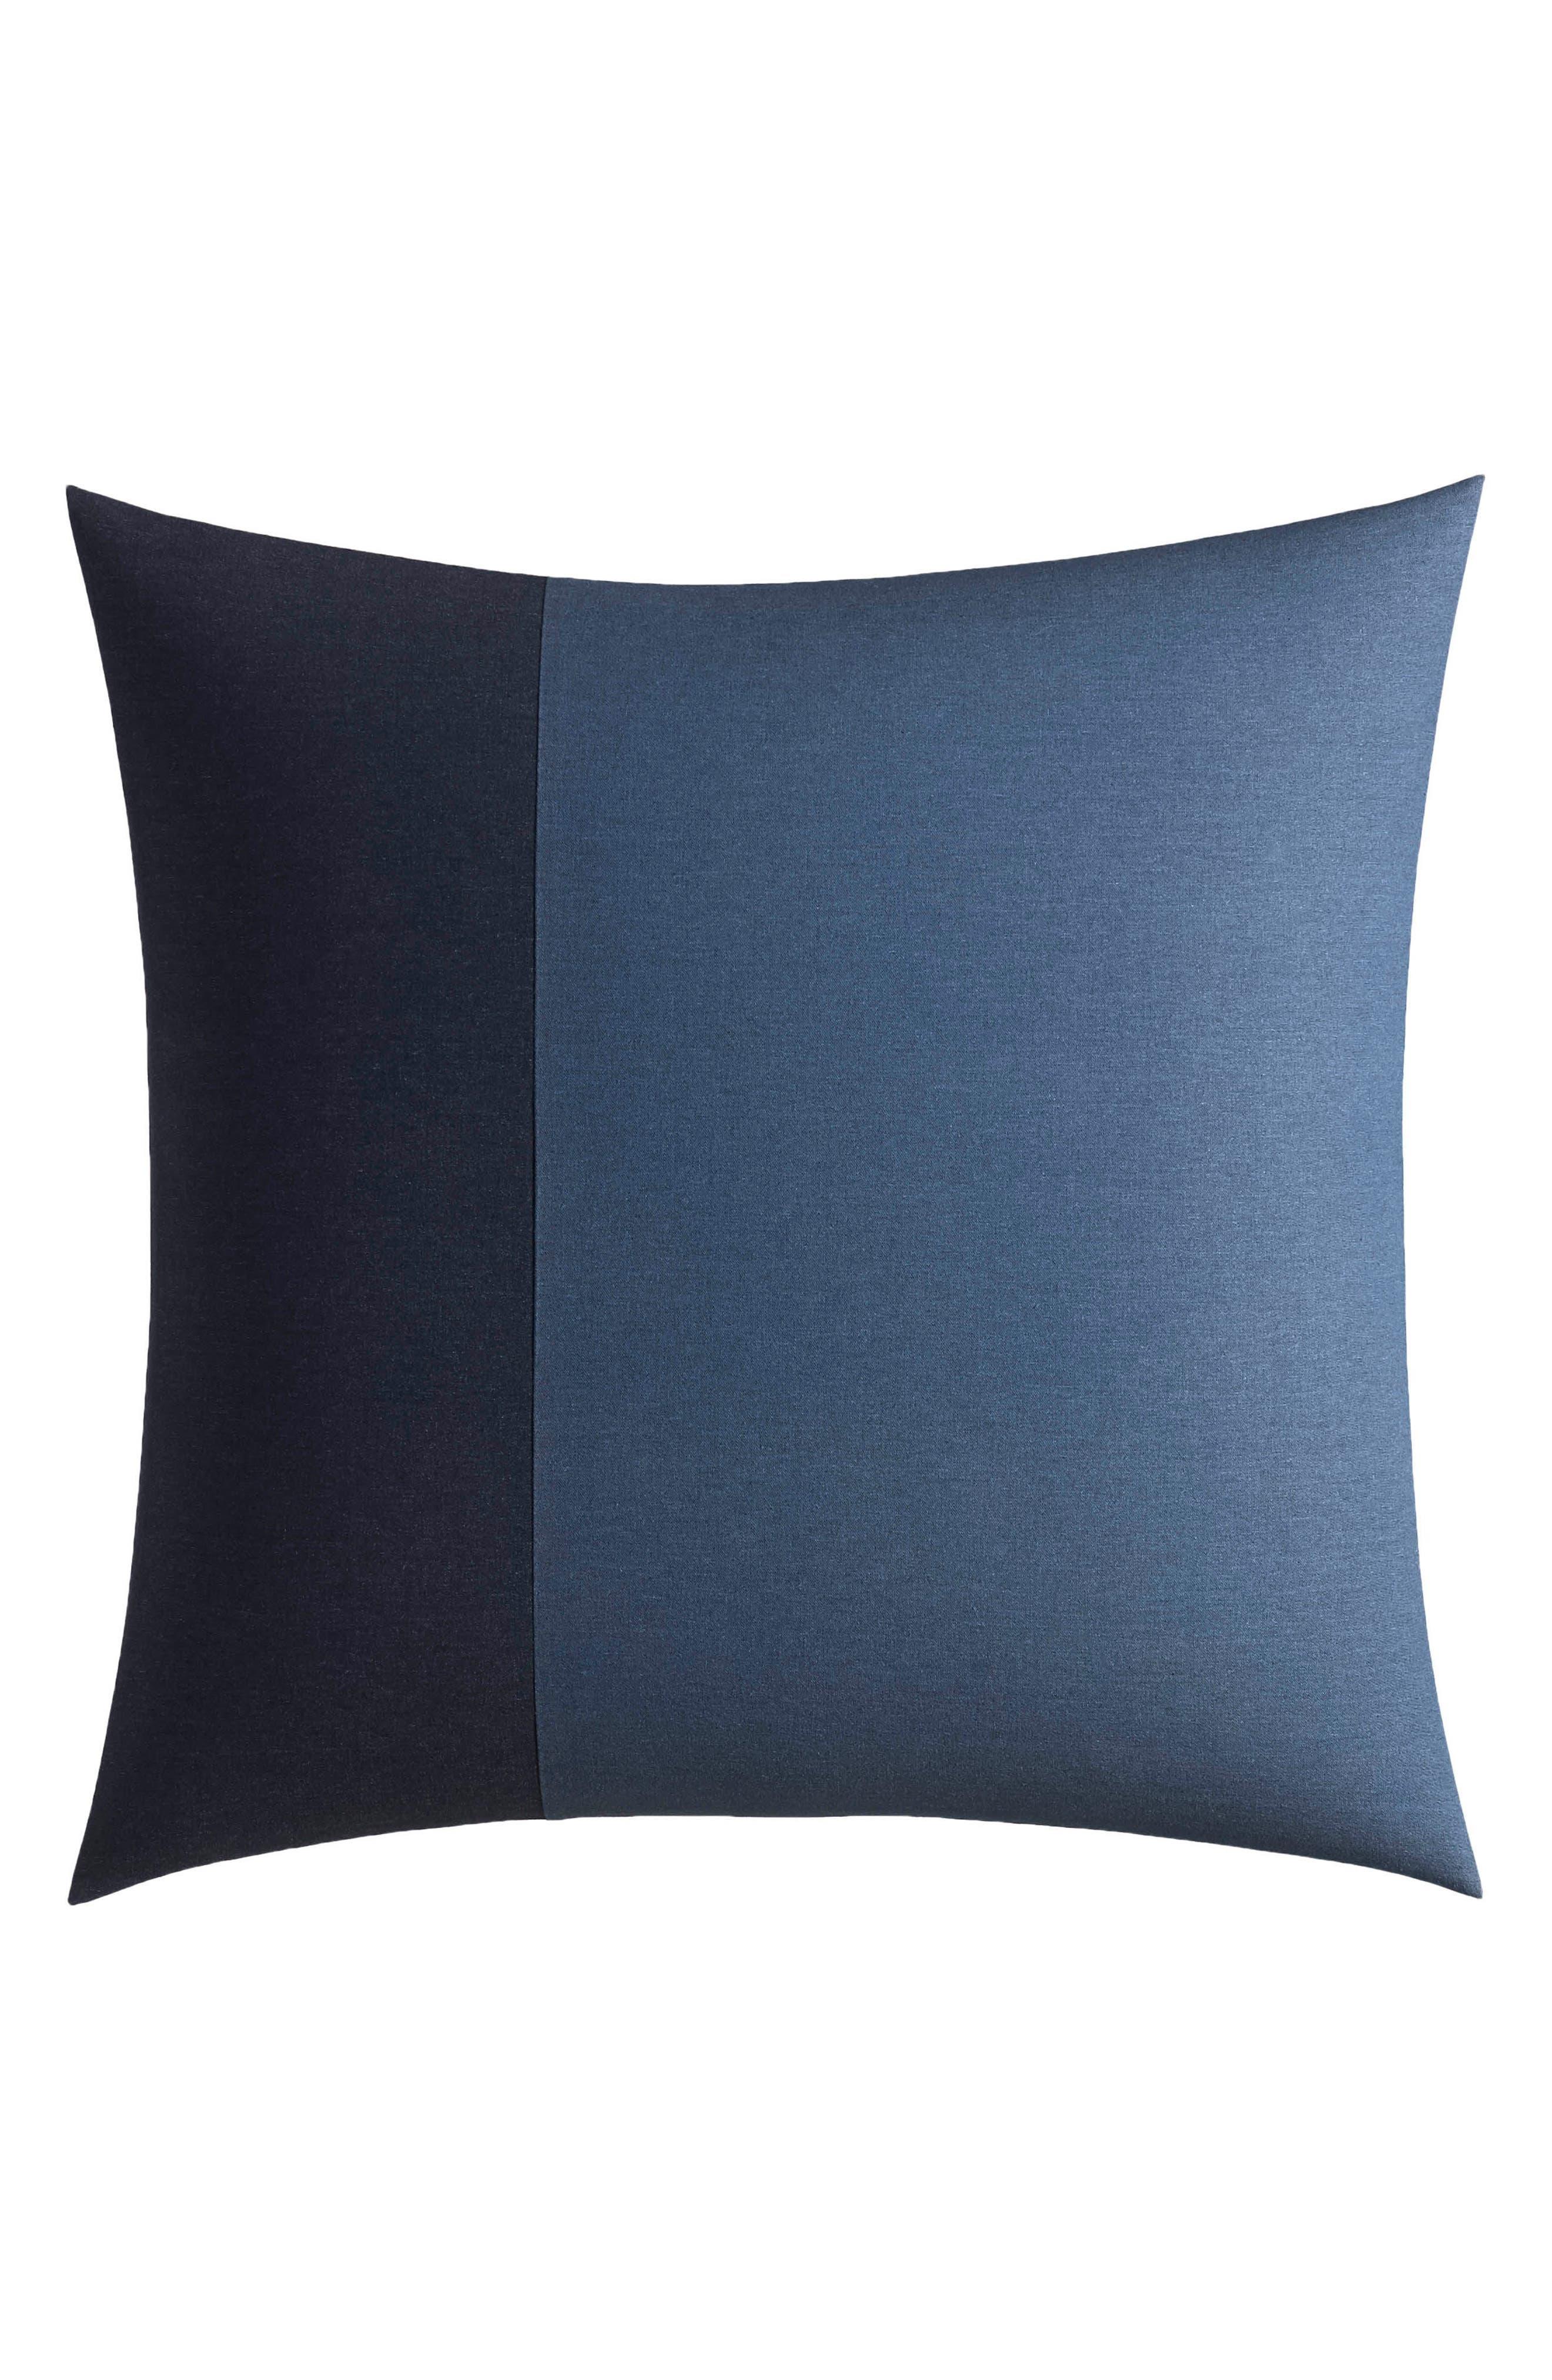 Lockridge Euro Sham,                         Main,                         color, Dark Blue